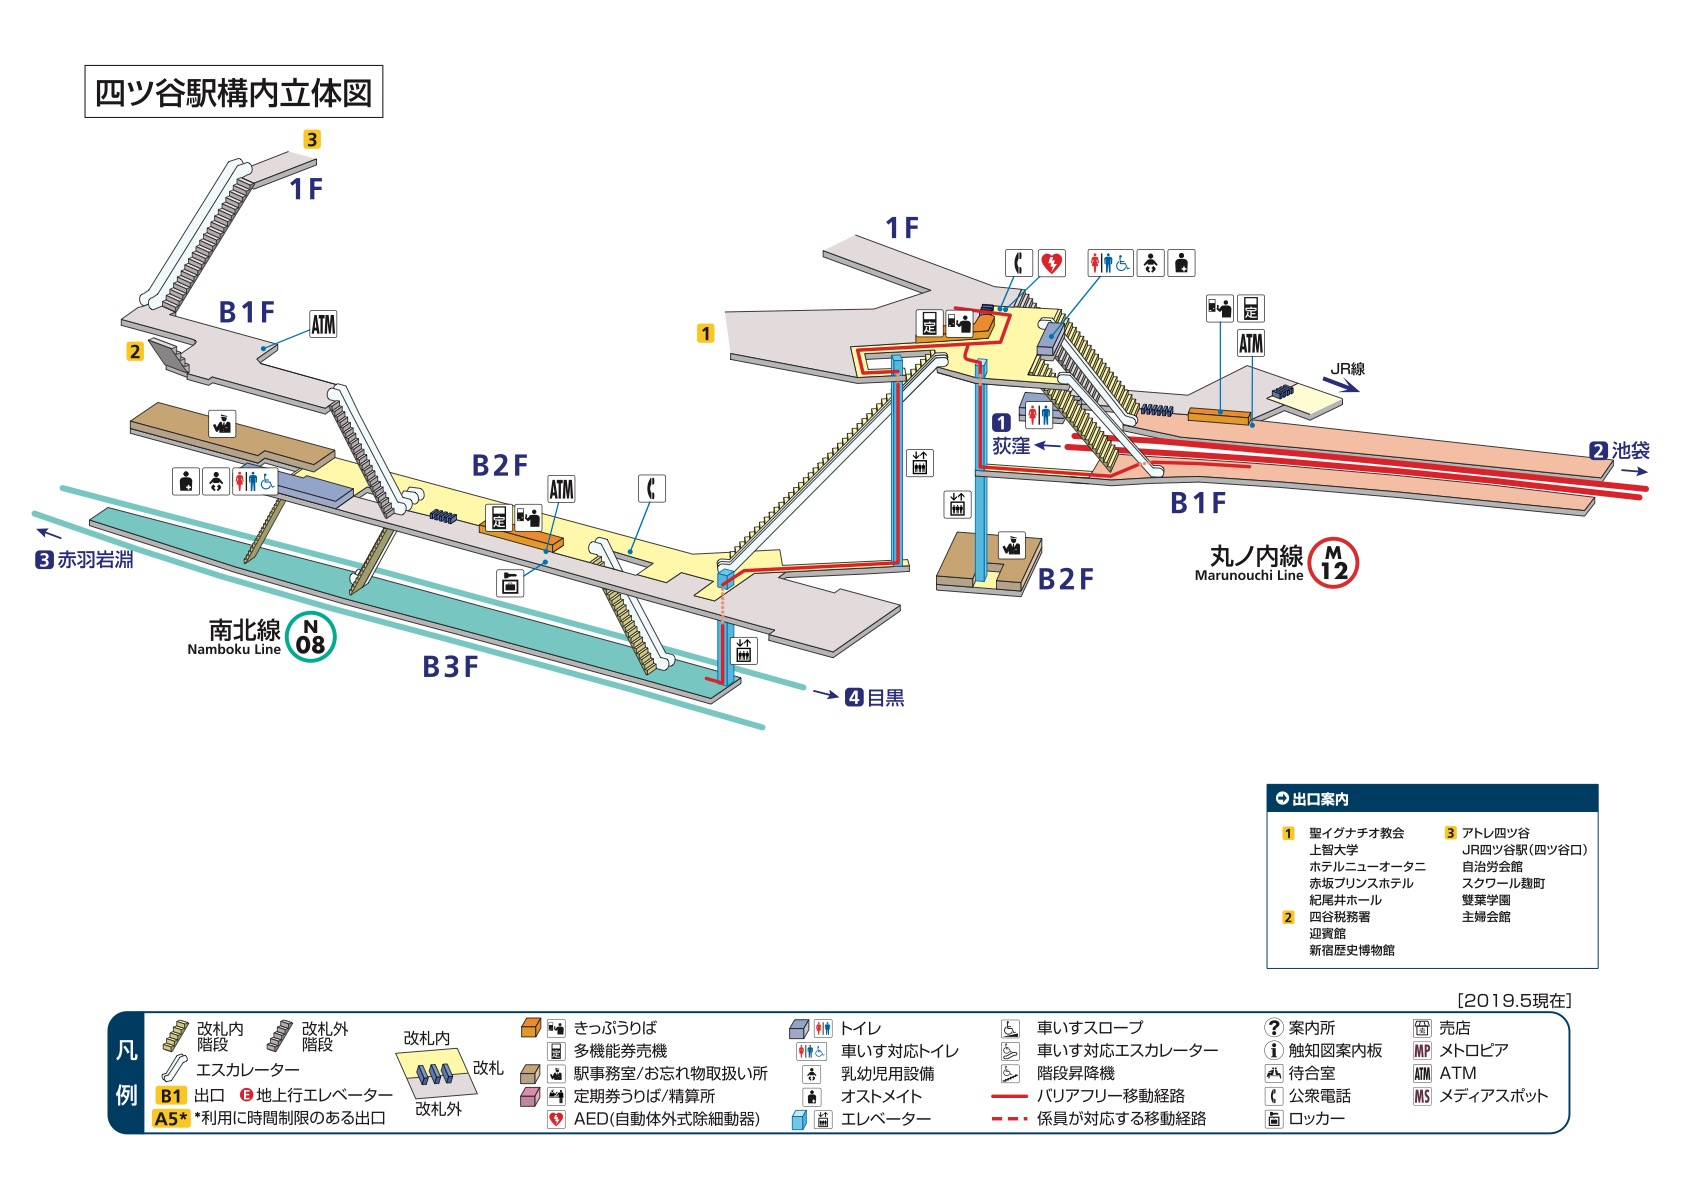 東京メトロ 四ツ谷駅構内図